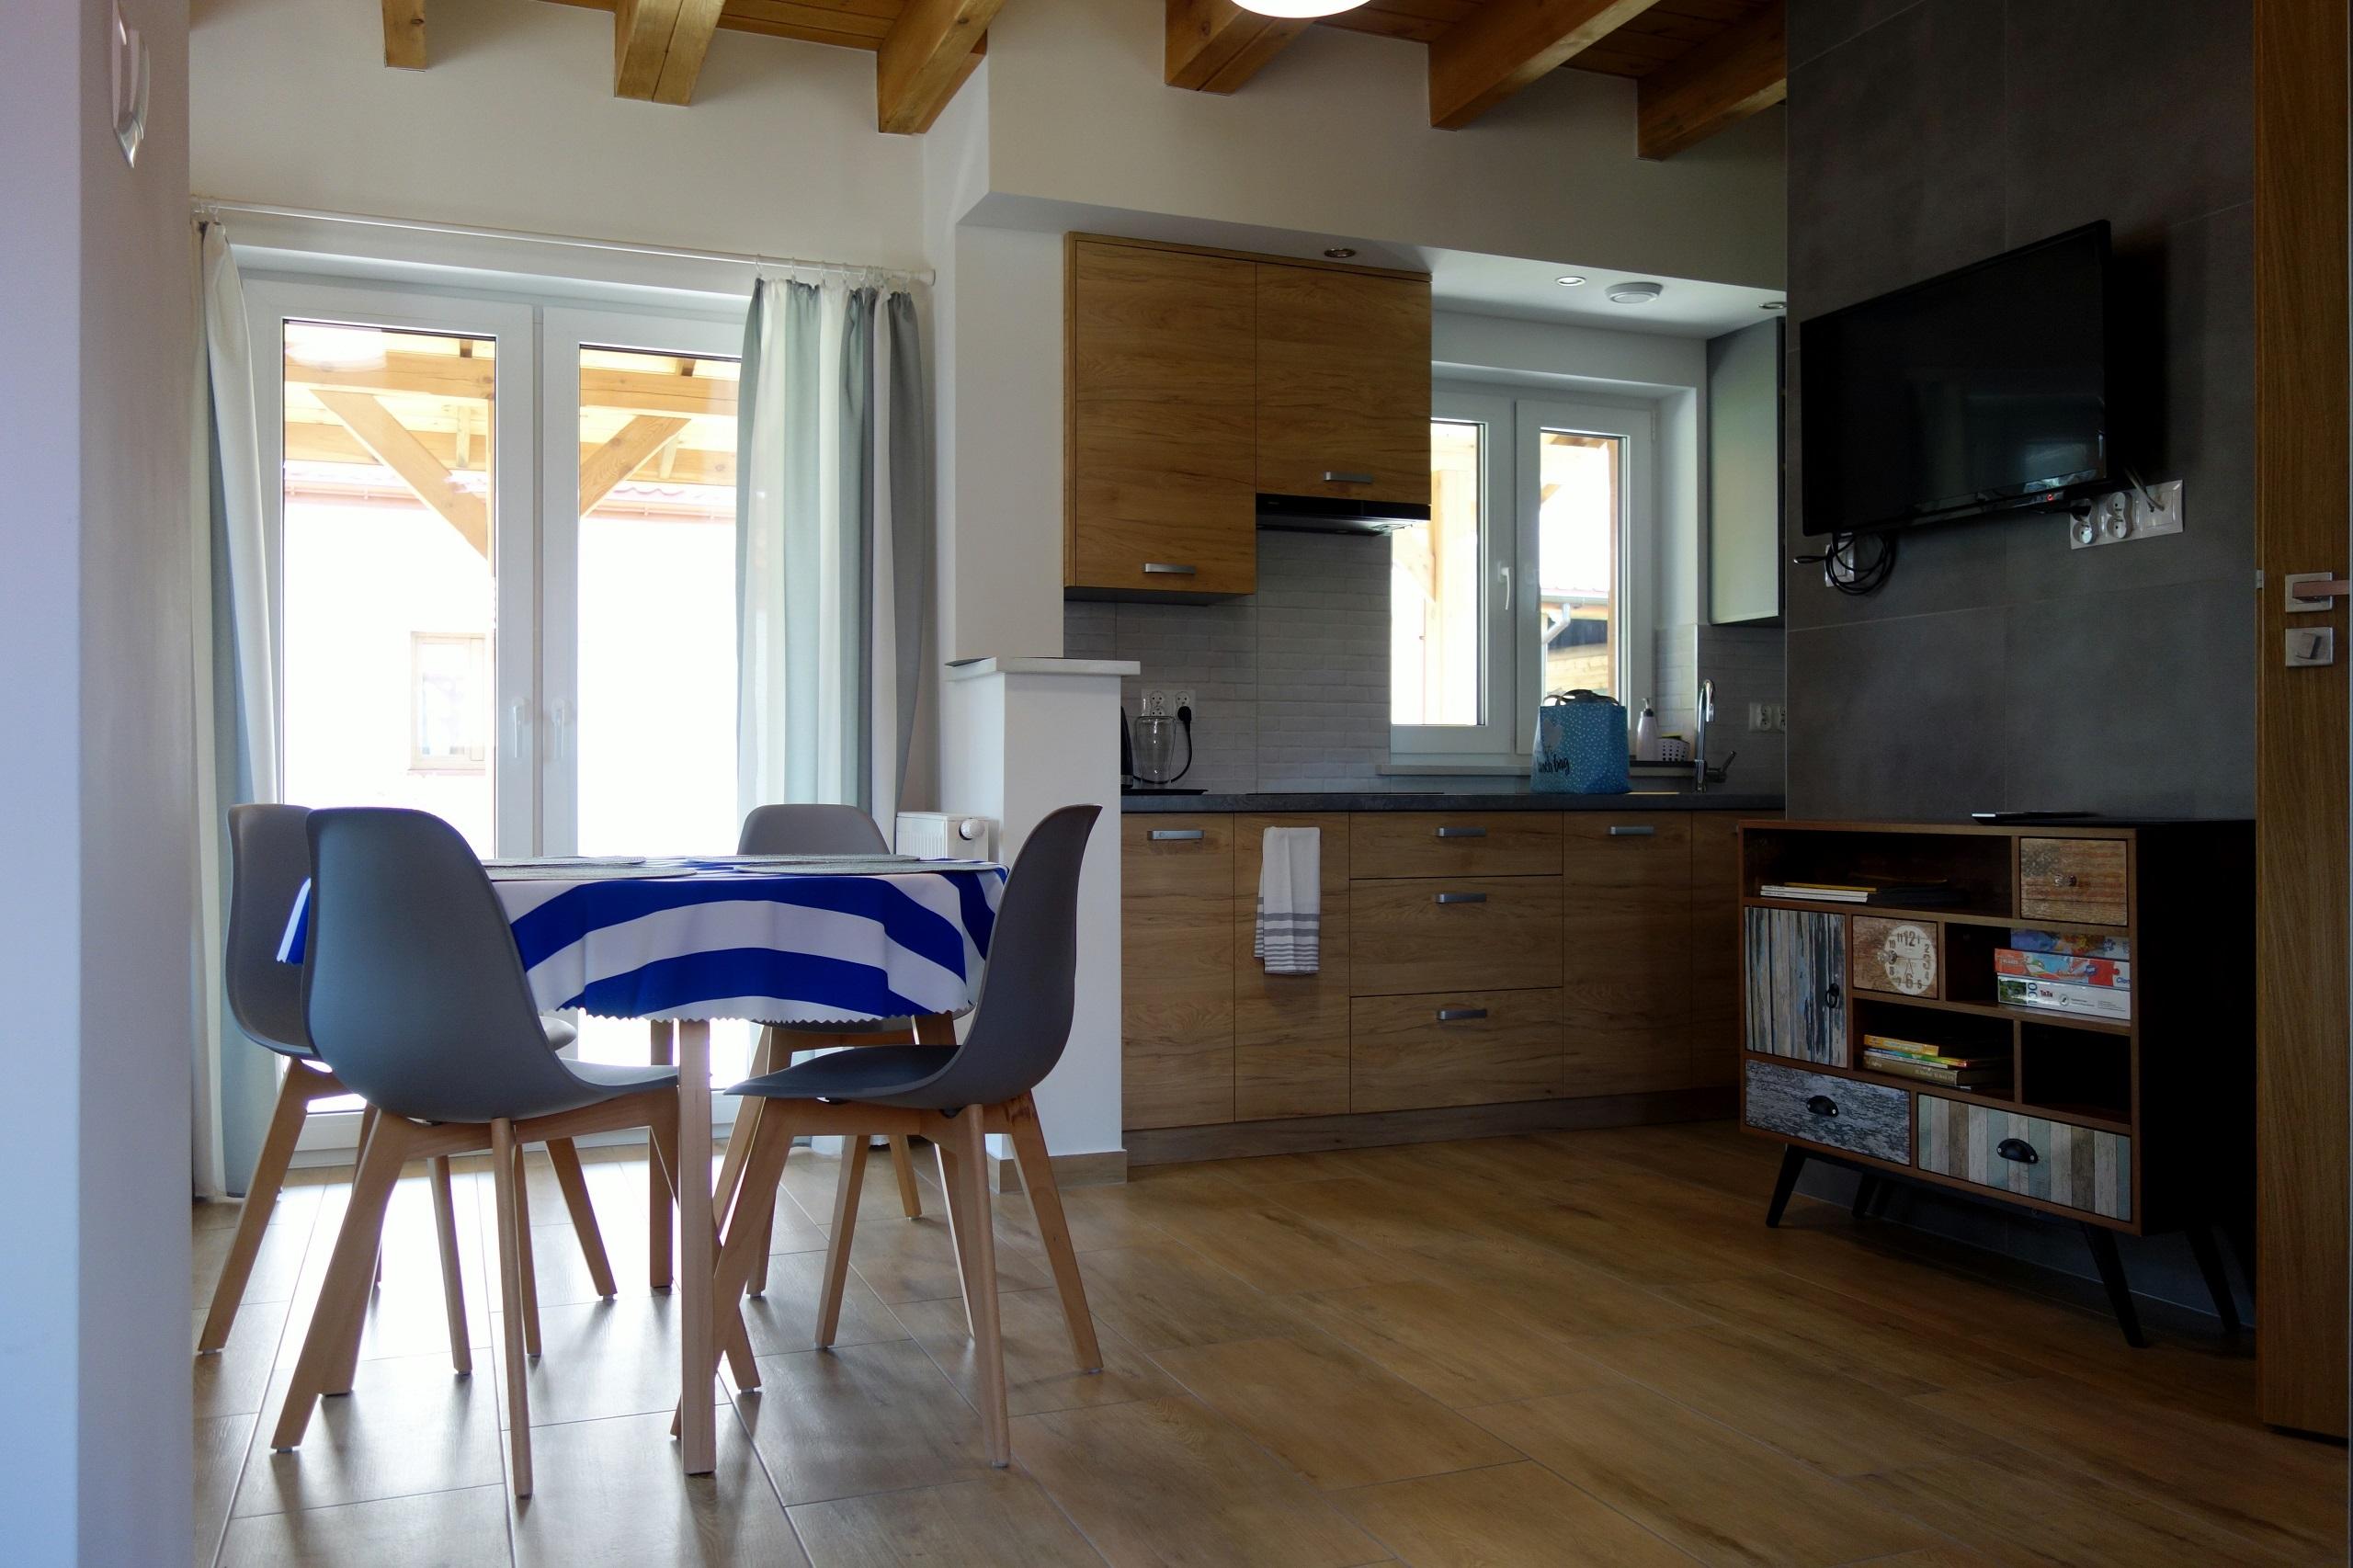 Świetnie wyposażona kuchnia w Przystanku Tykocinie - zdjęcie kuchni i salonu